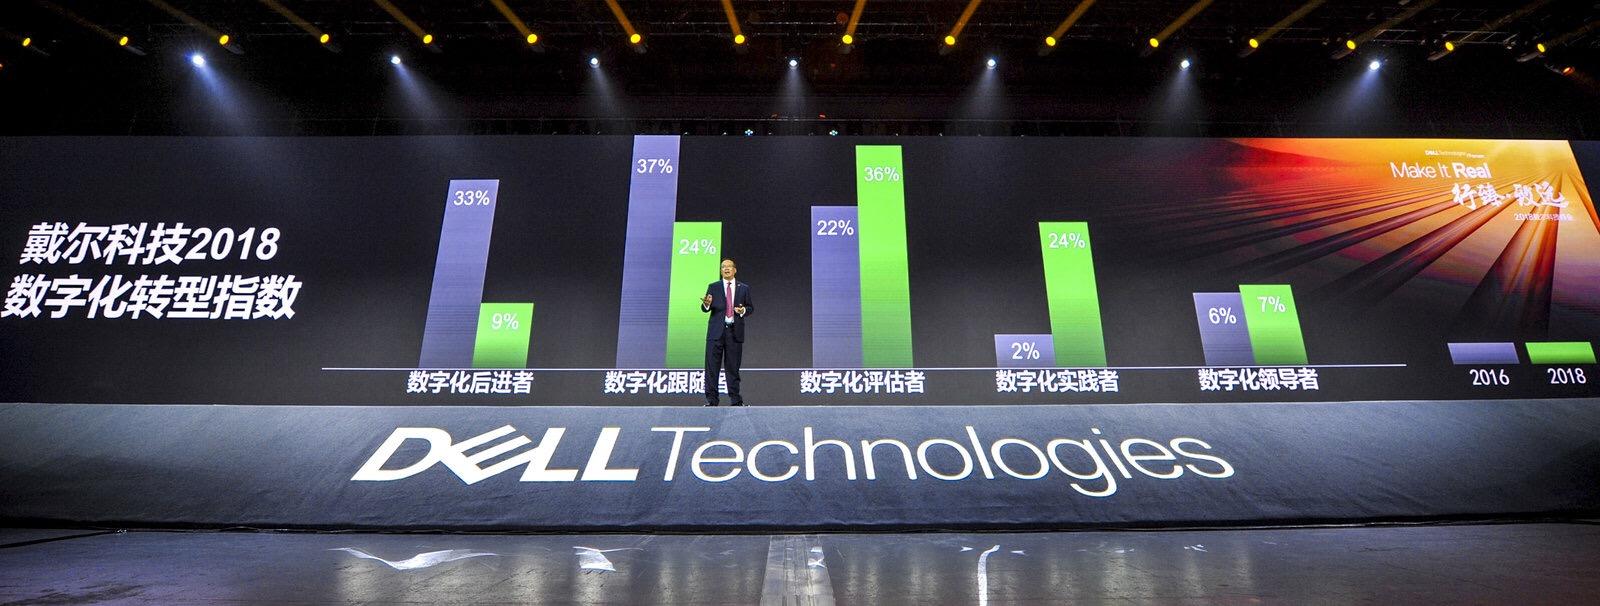 戴尔科技指数:6.5%的中国企业属于数字化领导者